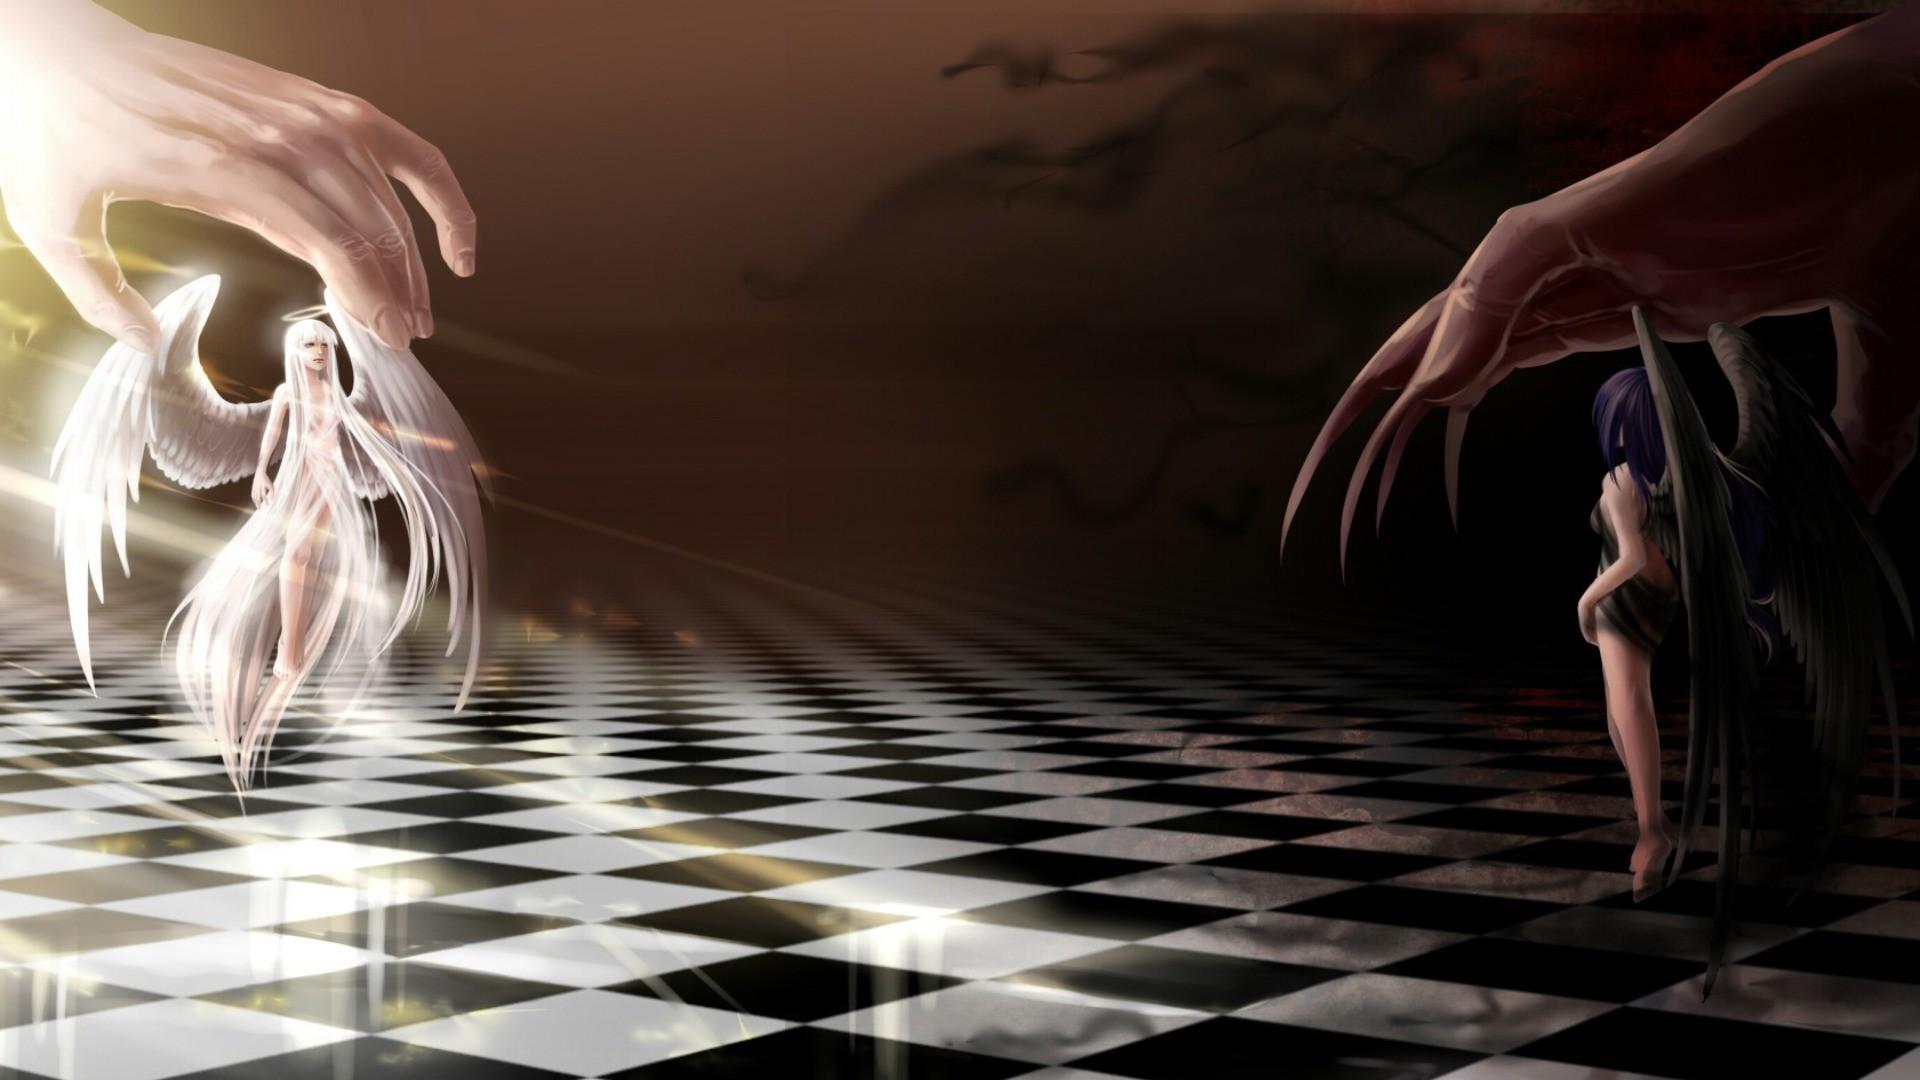 играют карты в и демон ангел